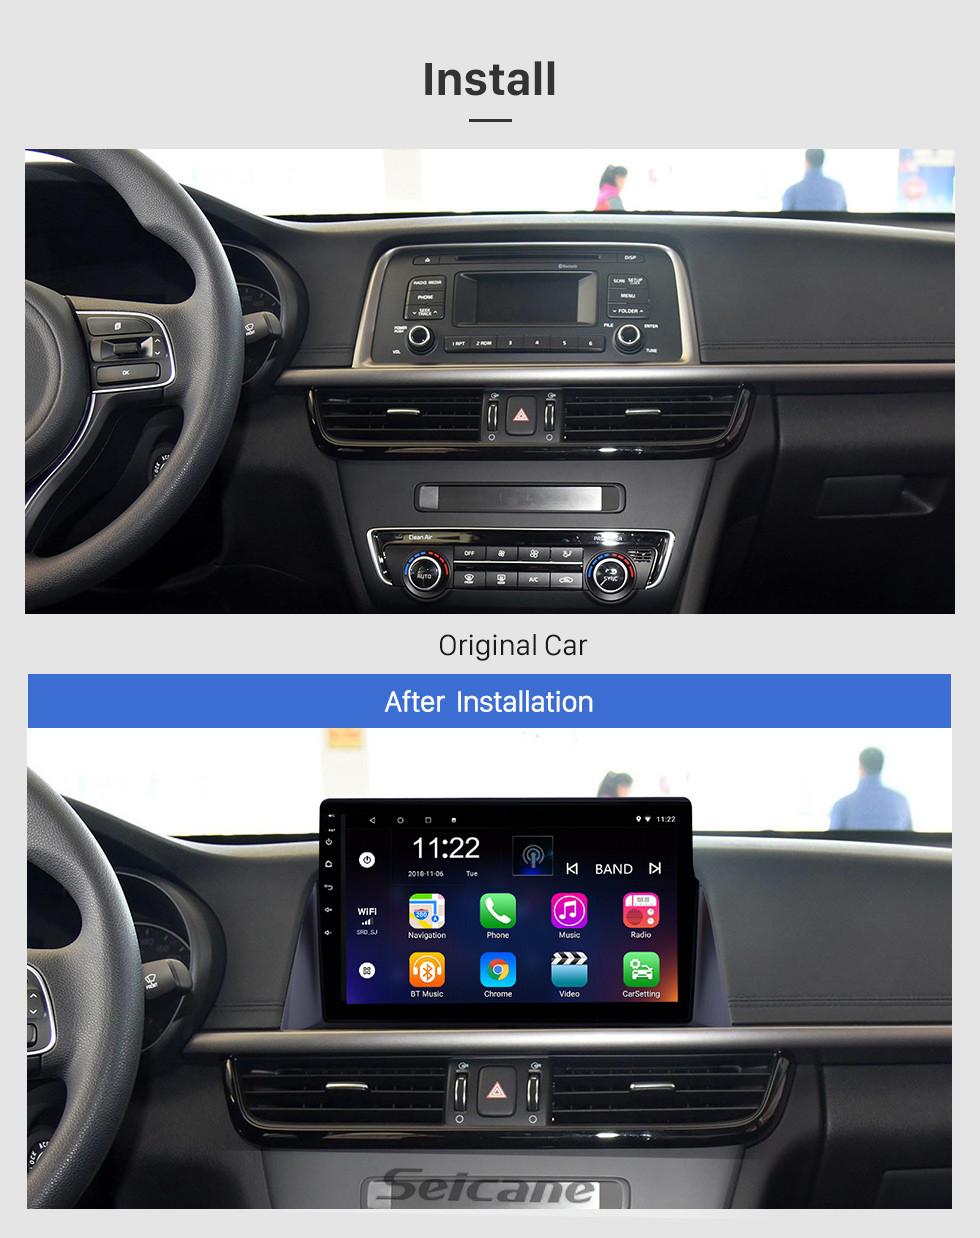 Seicane 10,1-дюймовый Android 10.0 2016 Kia K5 HD с сенсорным экраном Радио Bluetooth GPS-навигация Поддержка системы Резервная камера TPMS Управление на руле Цифровое телевидение Зеркало Ссылка